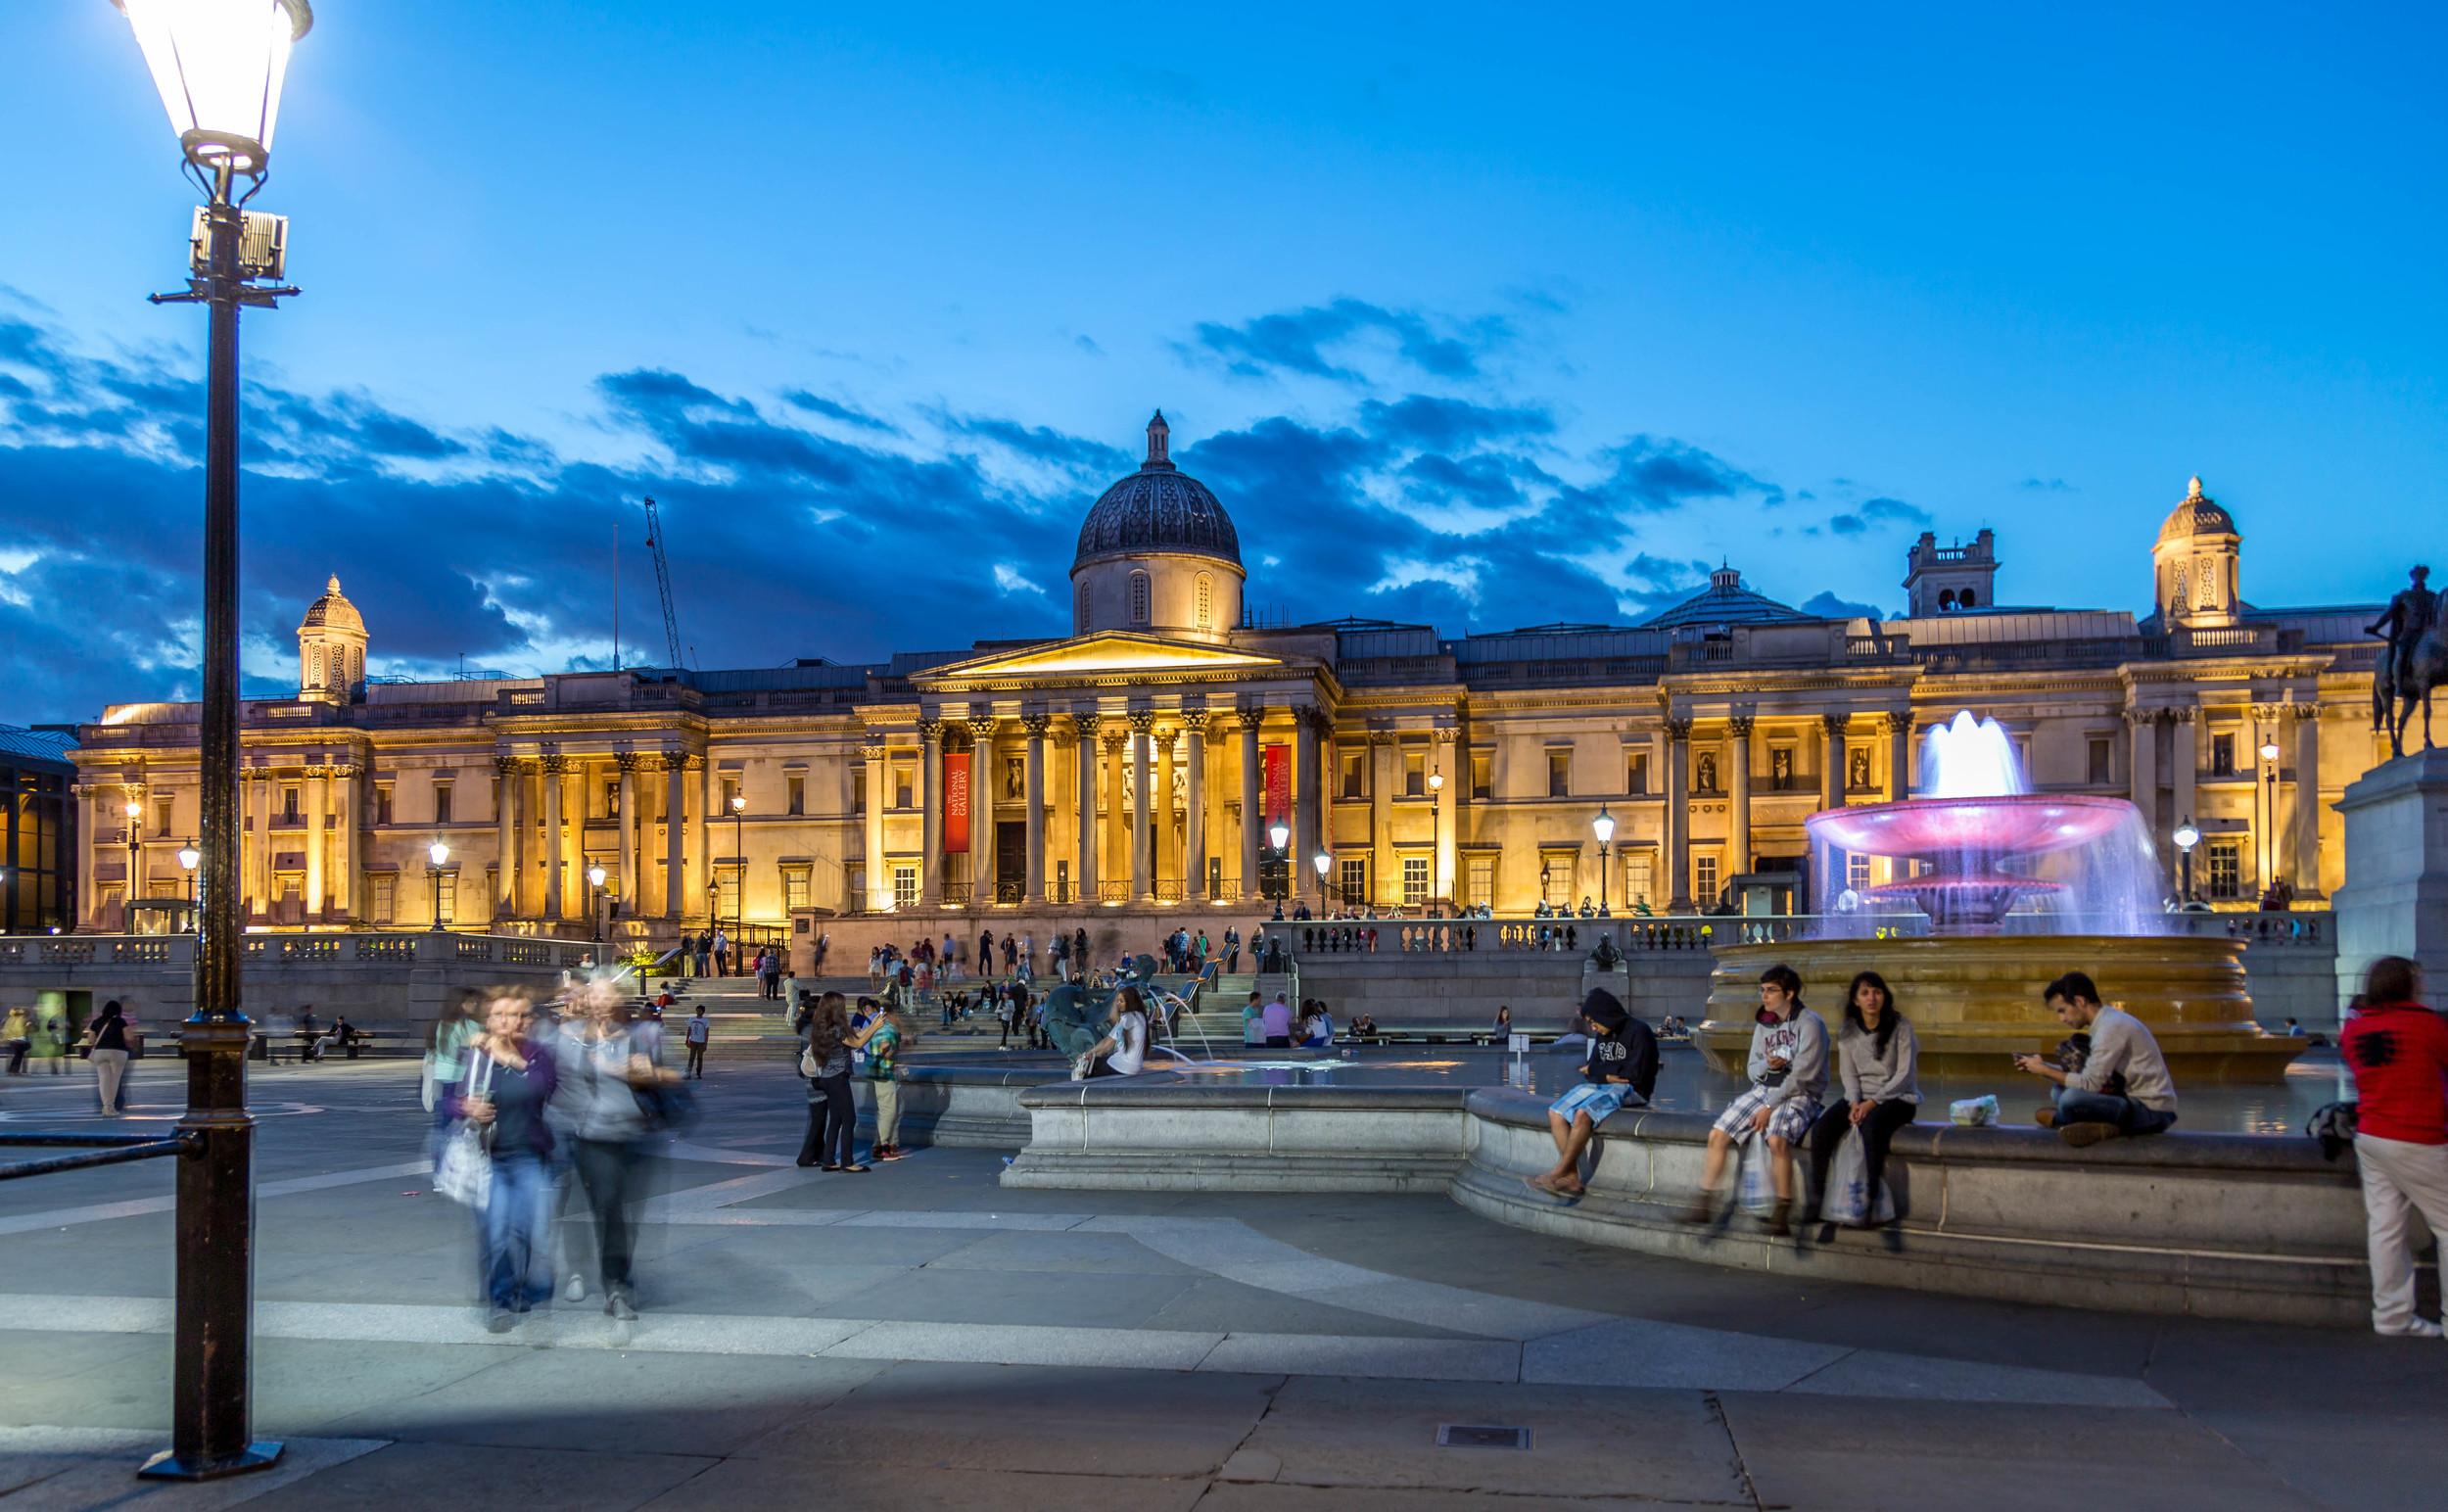 Trafalgar Square at Night.jpg